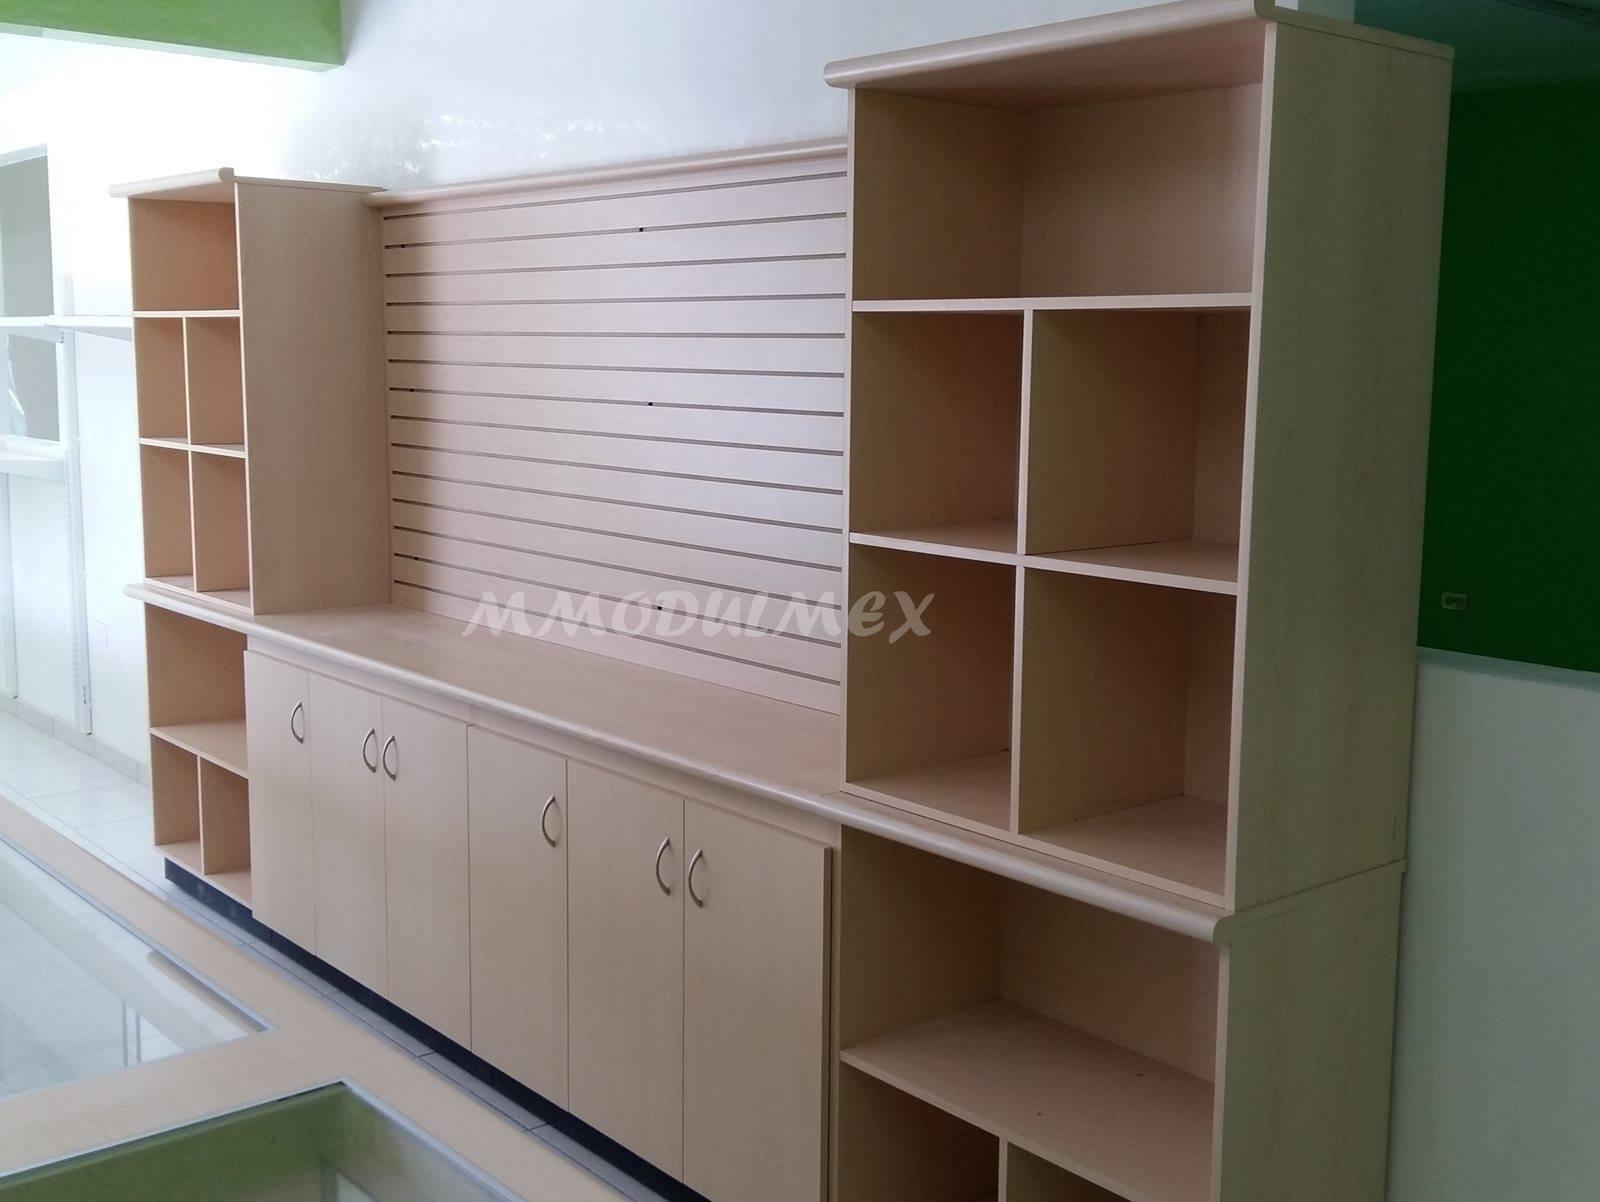 Mostradores vitrinas estantes estanter a anaqueles - Mostradores de madera para negocios ...